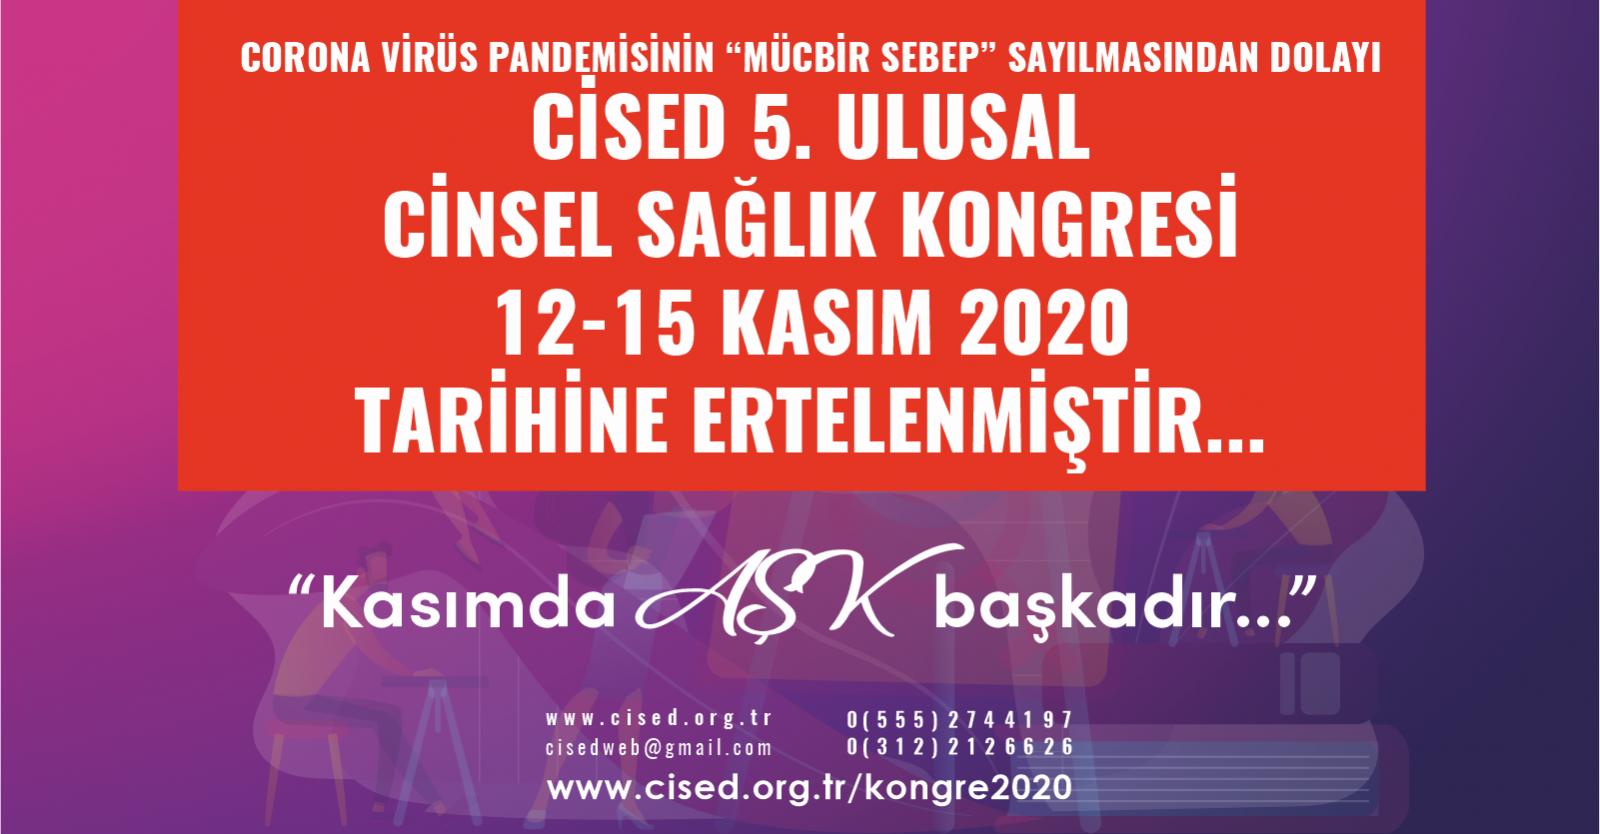 CİSED 5. Ulusal Cinsel Sağlık Kongresi - Antalya